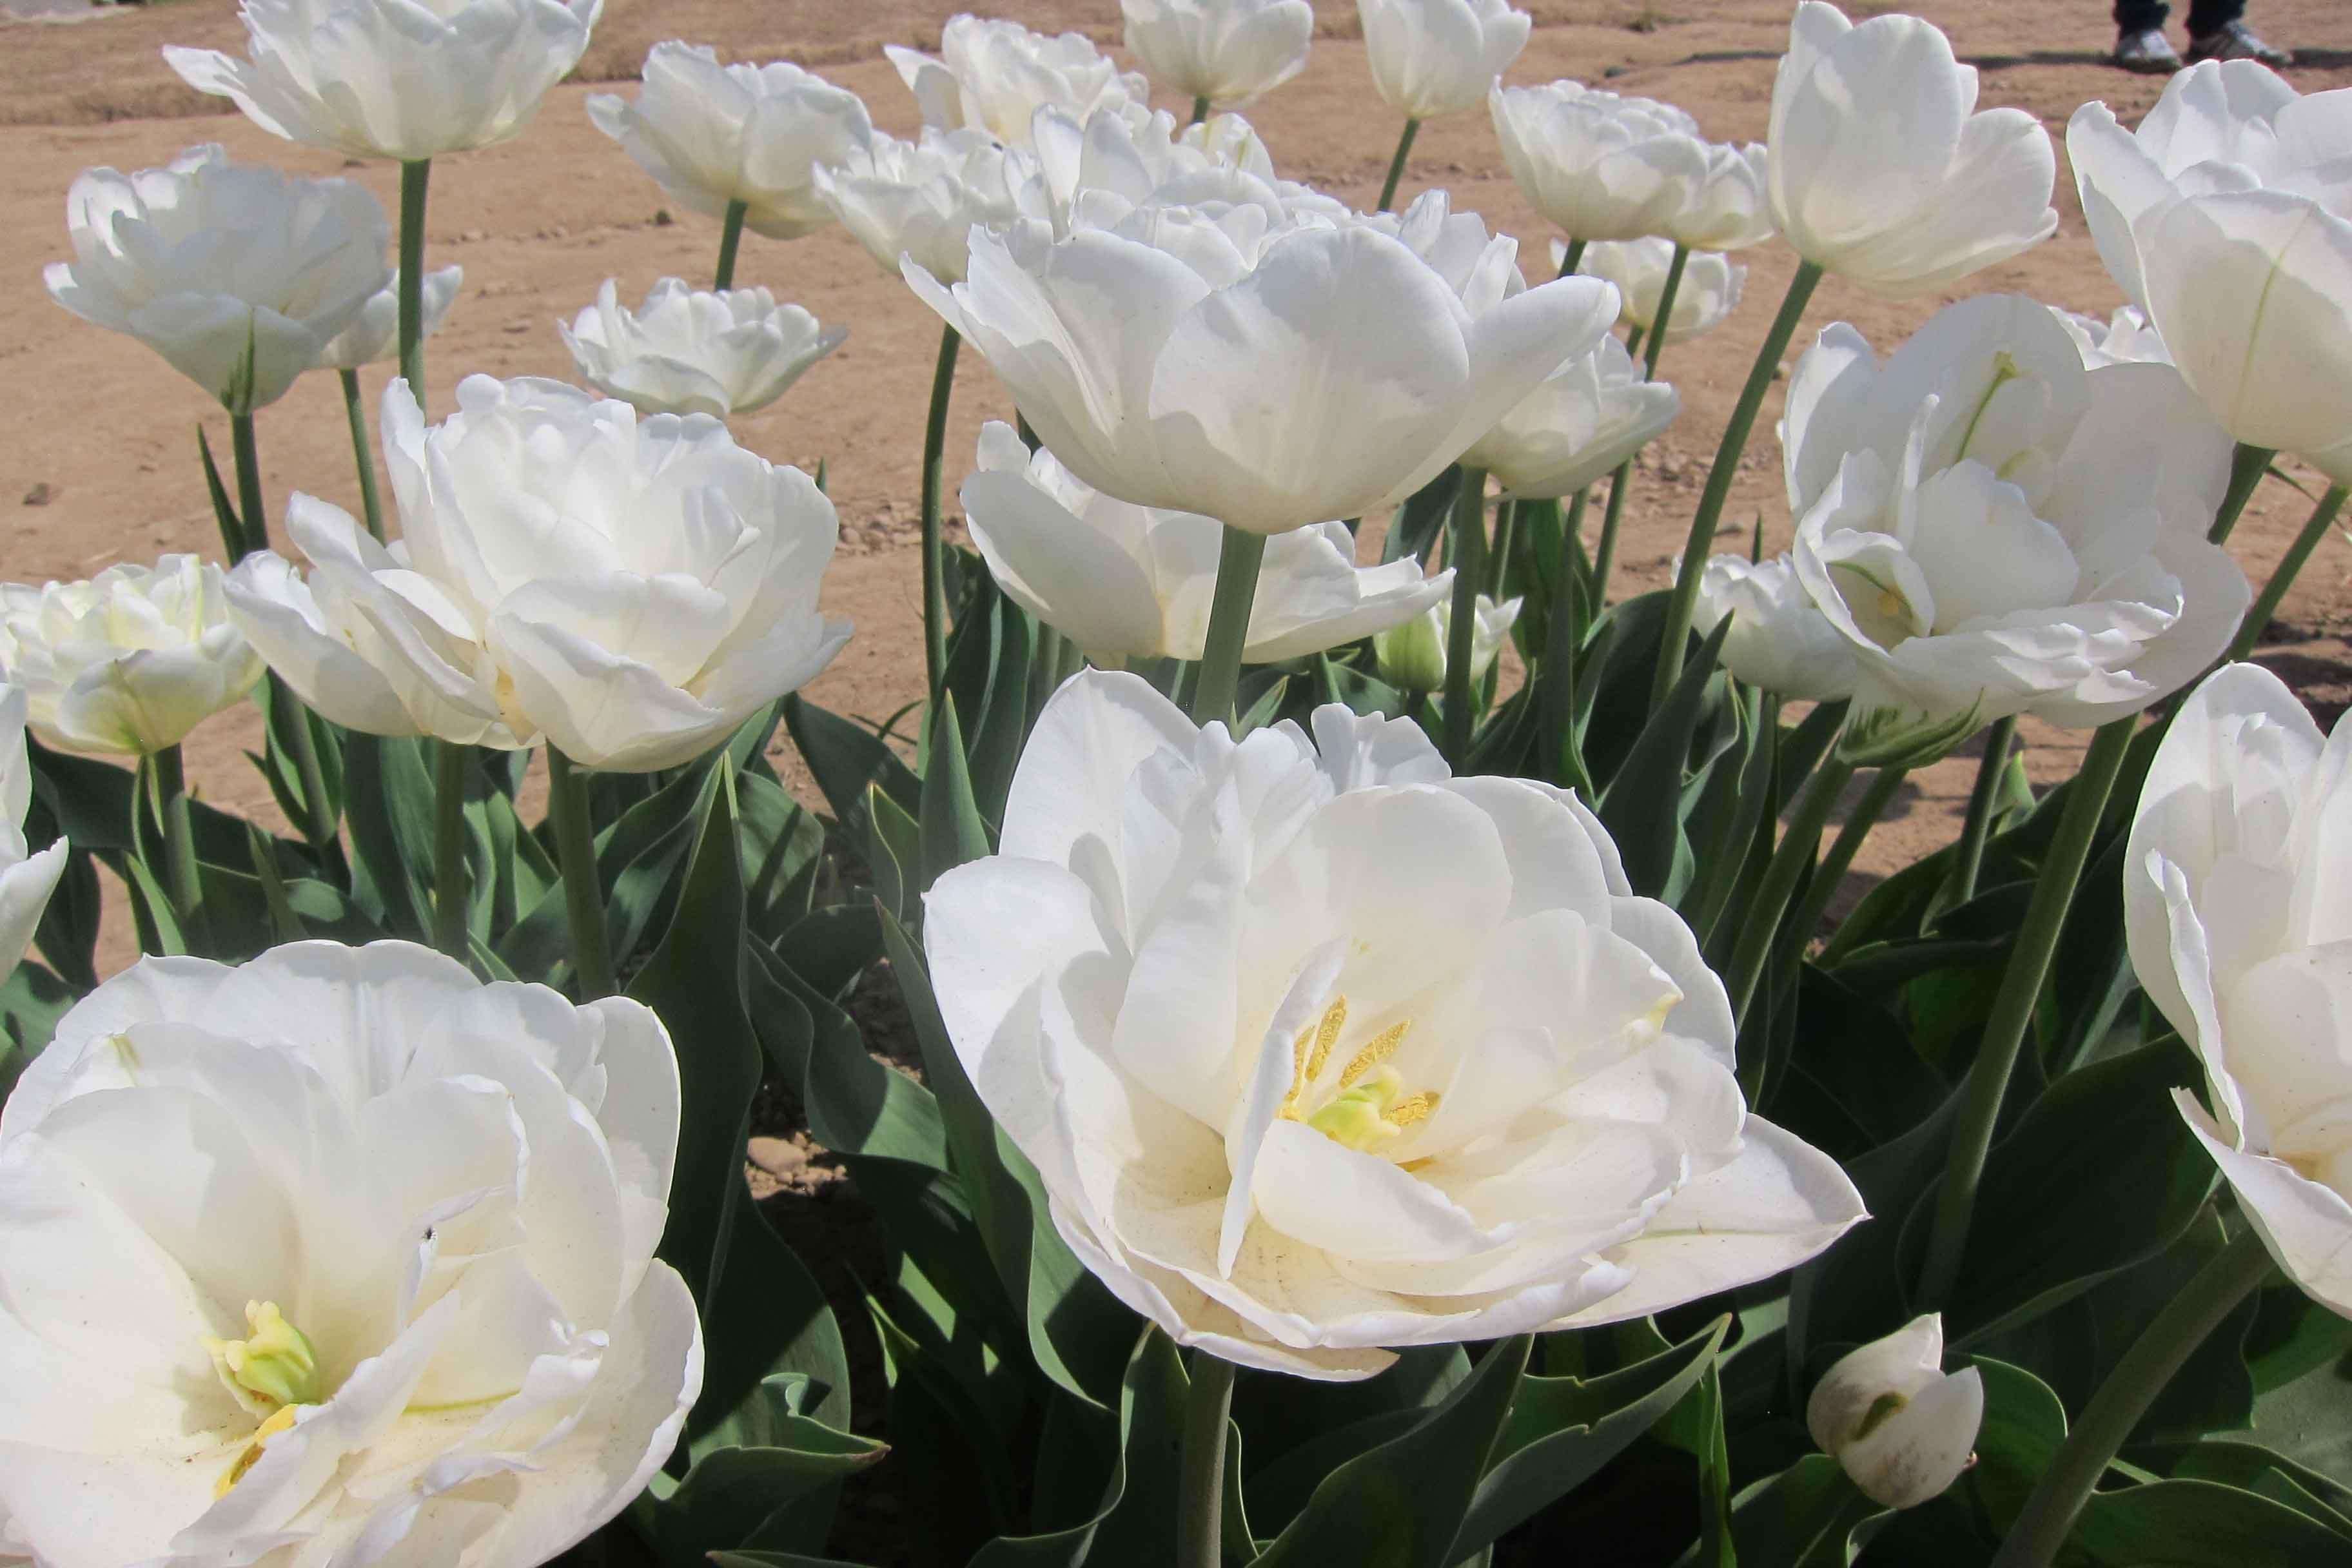 Come Si Piantano I Tulipani piantare i tulipani in autunno per fioritura in primavera